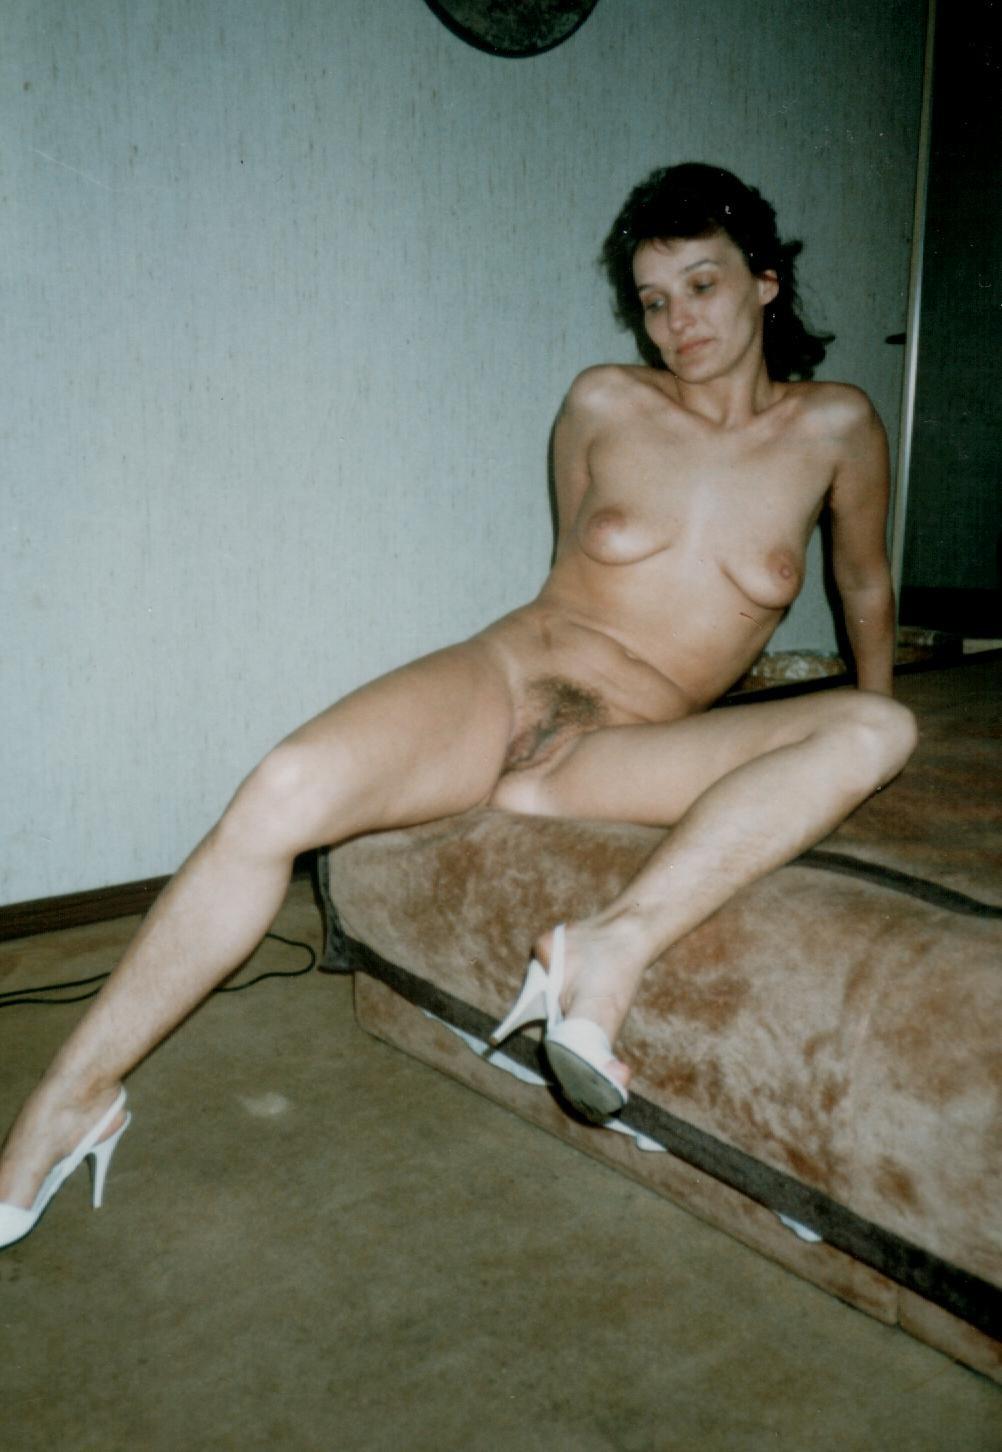 nude hairy women sex wife girlfriend